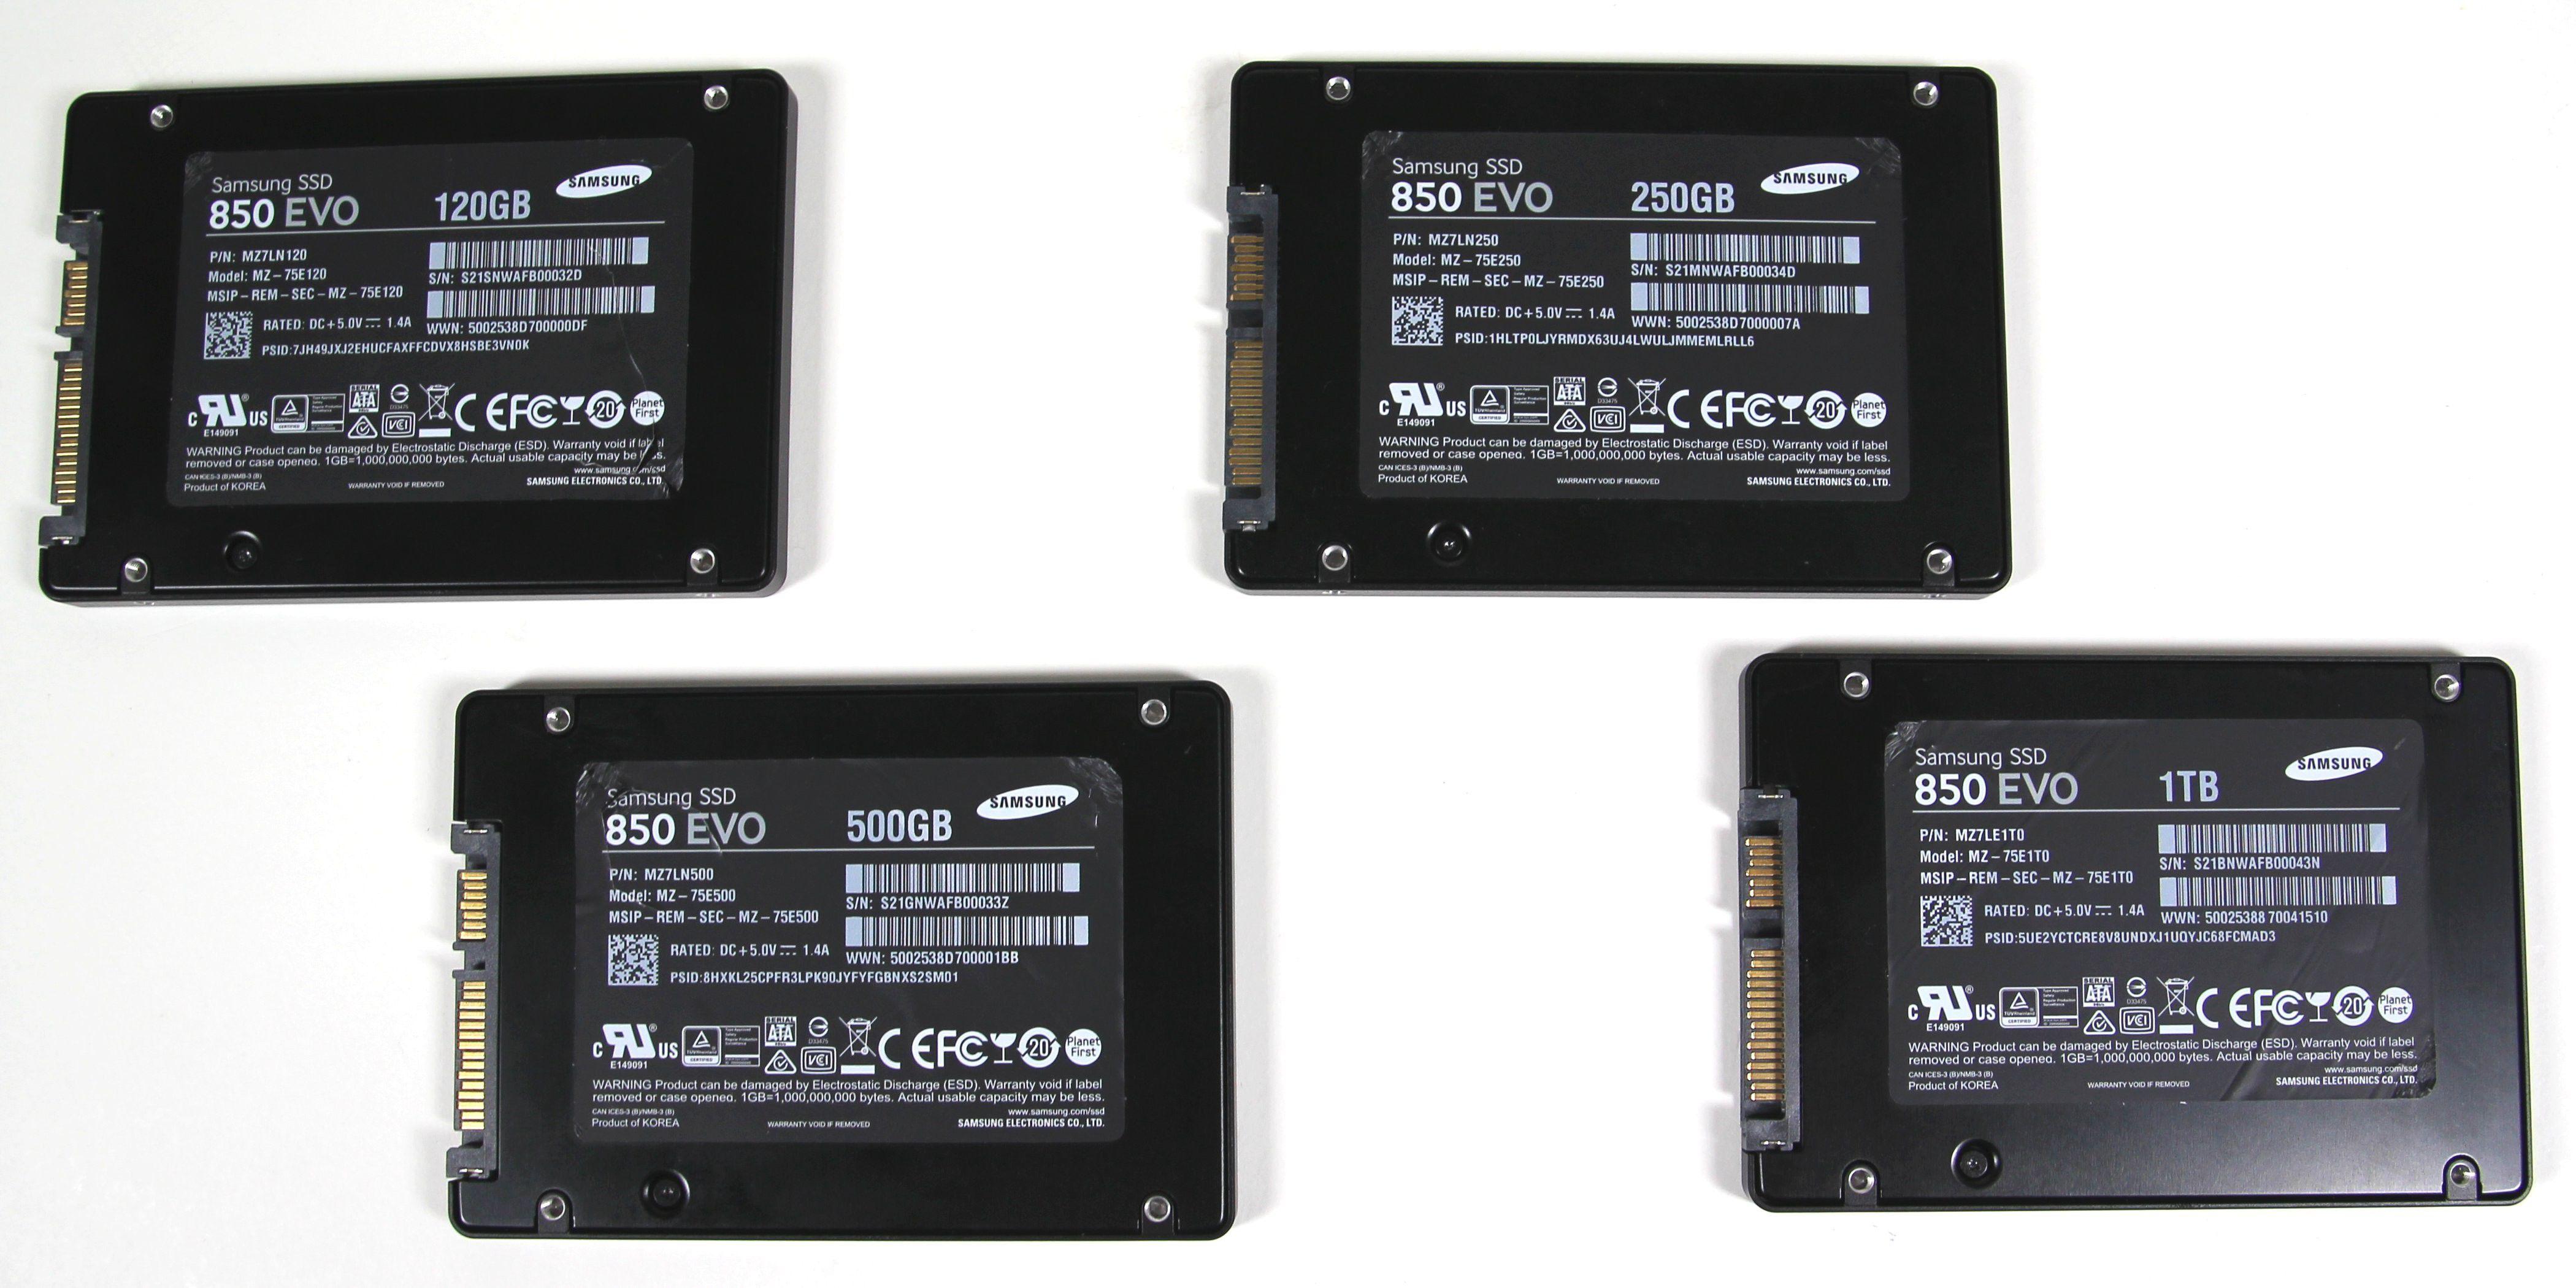 Samsung Ssd 850 Evo Im Test Pc Welt M2 250gb Vergrern Serie